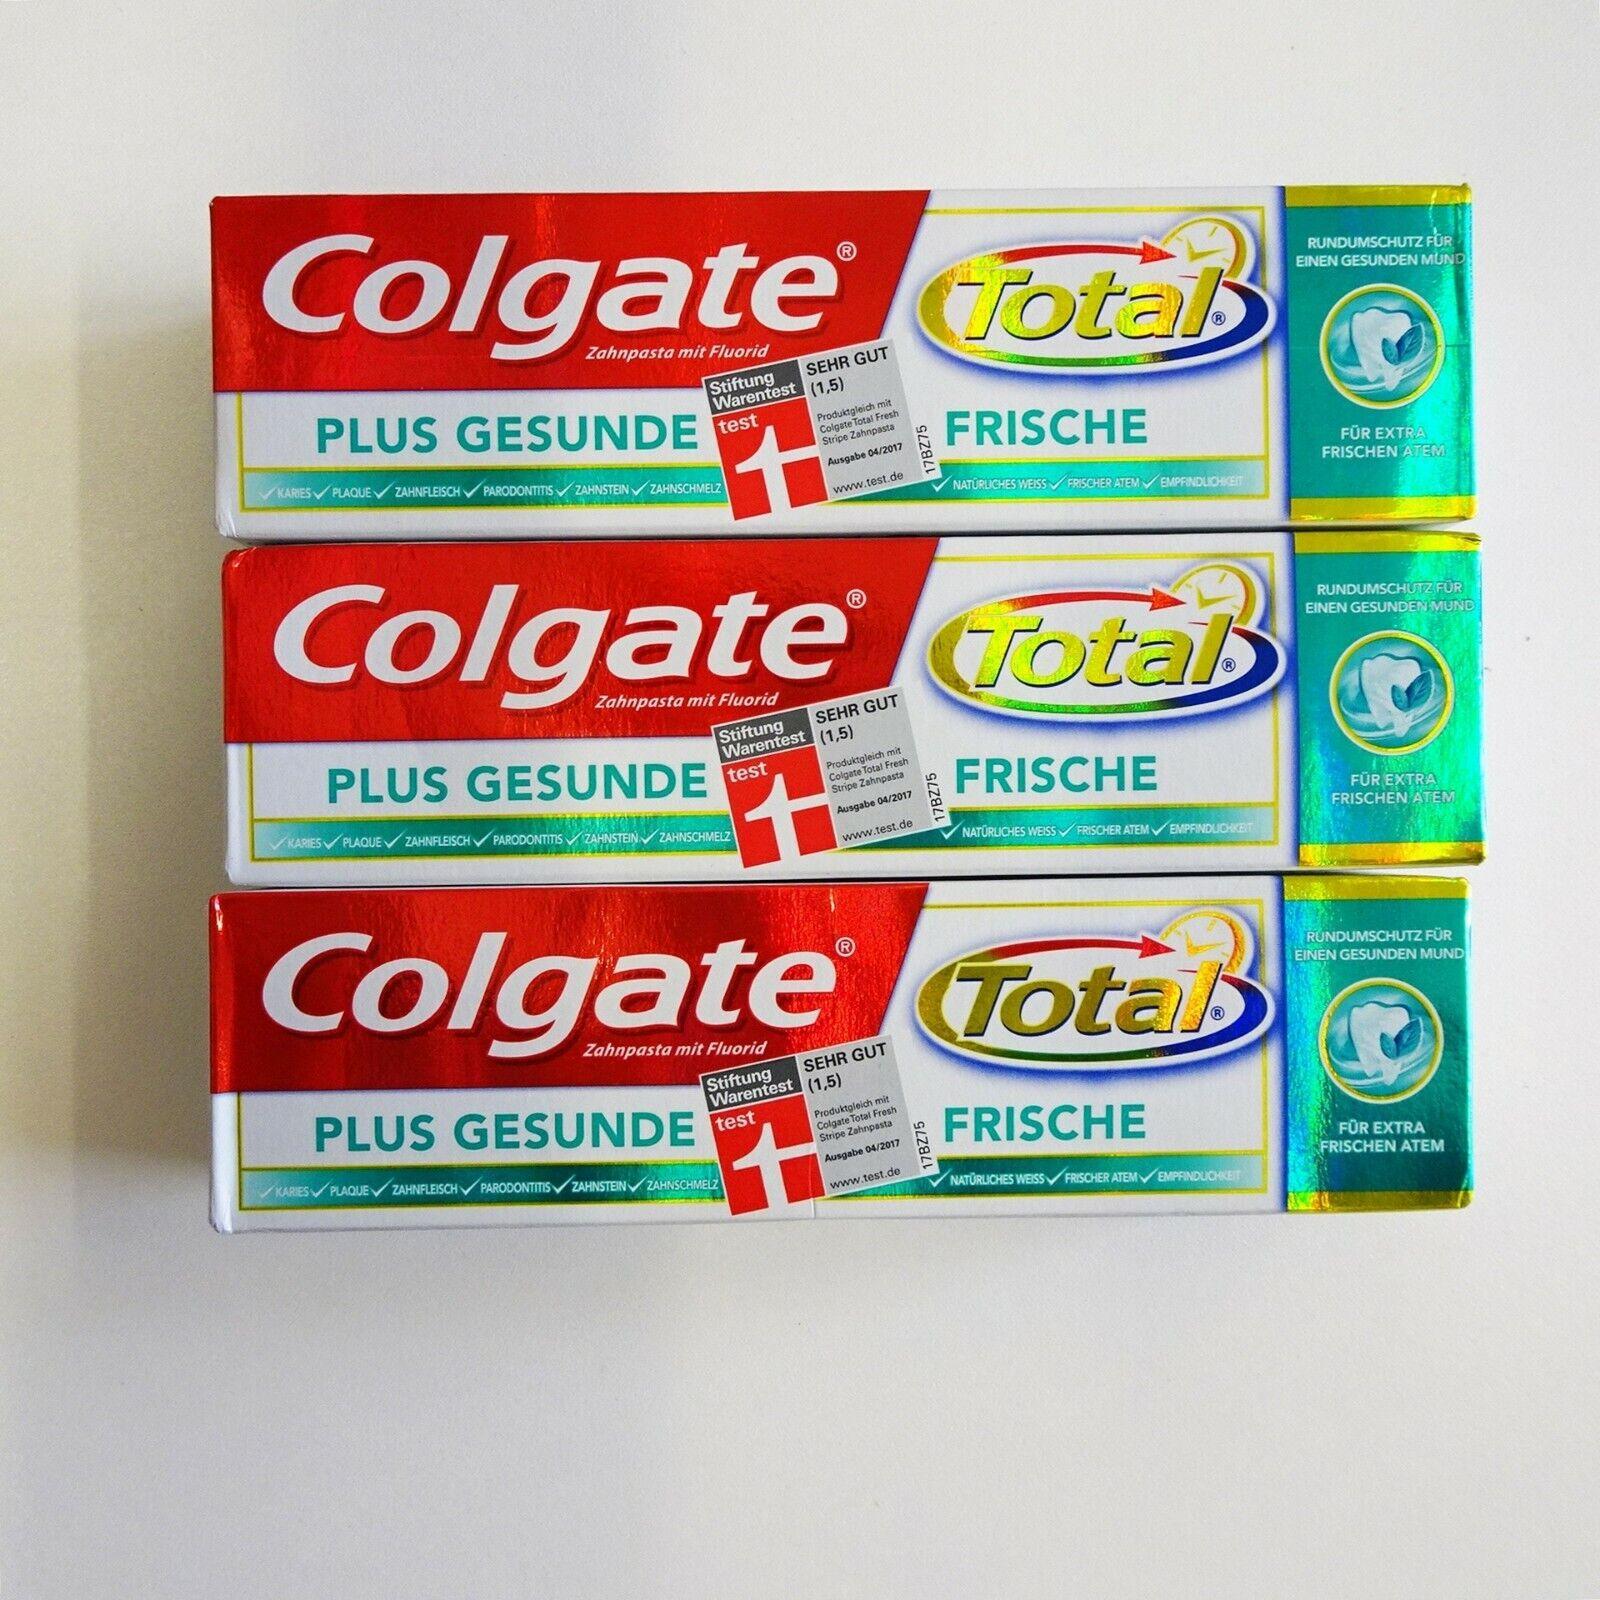 Colgate Total Plus Gesunde Frische Zahnpasta extra frische Atem Triclosan 3x75ml